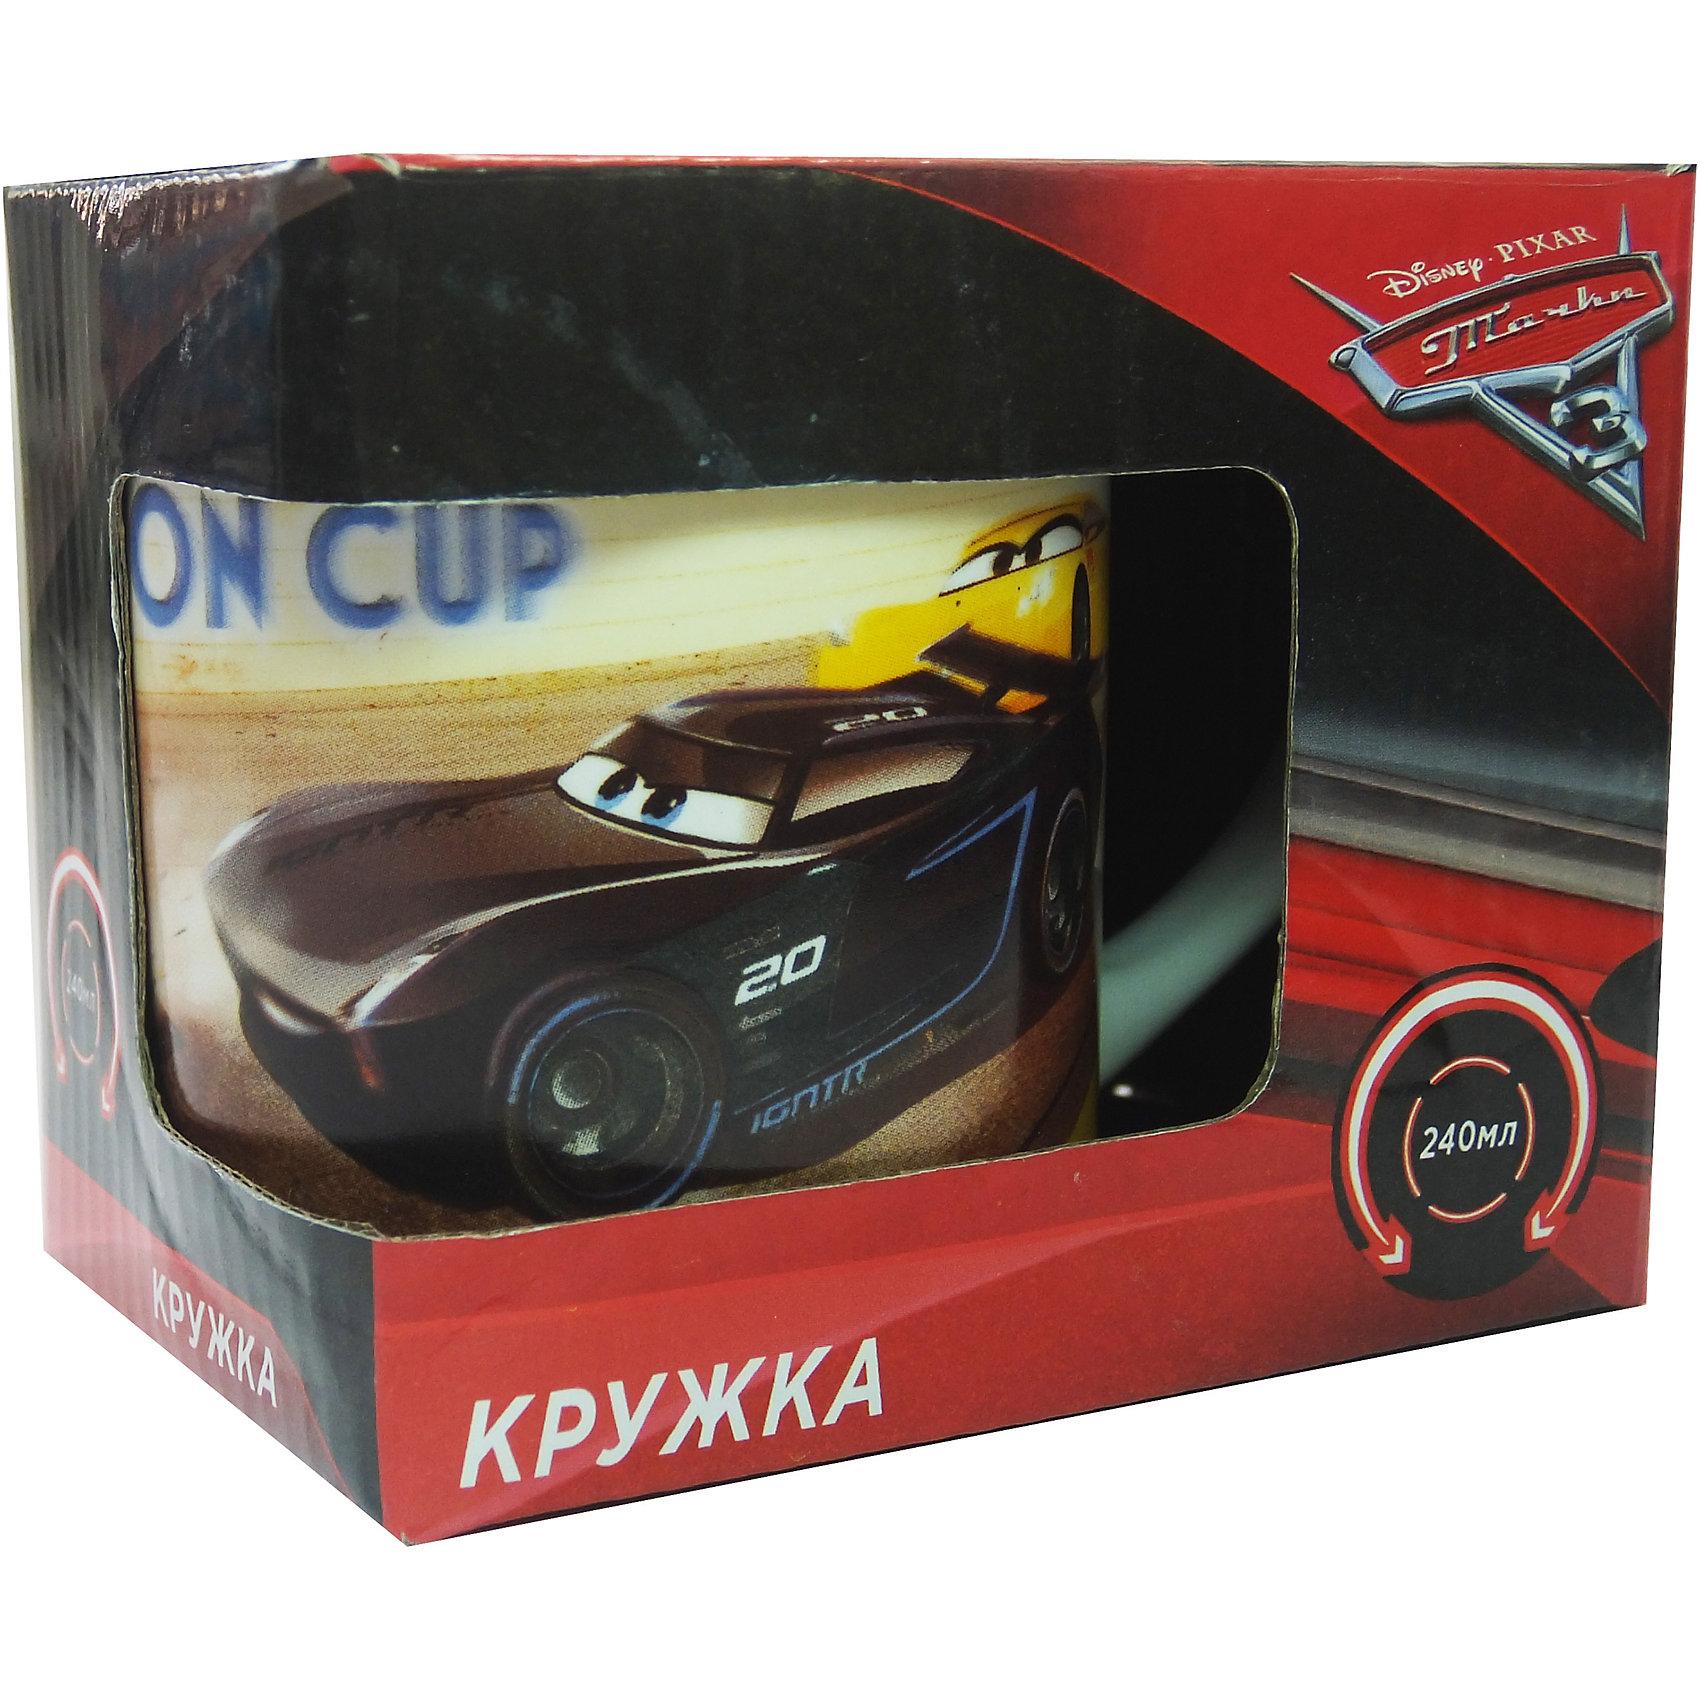 Кружка Тачки 3 в подарочной упаковке, 240 мл., DisneyТачки<br>Характеристики:<br><br>• Материал: керамика<br>• Тематика рисунка: Тачки<br>• Можно использовать для горячих и холодных напитков<br>• Упаковка: подарочная картонная коробка<br>• Объем: 240 мл<br>• Вес: 280 г<br>• Размеры (Д*Ш*В): 12*8,2*9,5 см<br>• Особенности ухода: можно мыть в посудомоечной машине<br><br>Кружка Тачки 3 в подарочной упаковке, 240 мл., Disney выполнена в стильном дизайне: на белый корпус нанесено изображение героев популярного мультсериала Тачки. Изображение устойчиво к появлению царапин, не выцветает при частом мытье. <br><br>Кружку Тачки 3 в подарочной упаковке, 240 мл., Disney можно купить в нашем интернет-магазине.<br><br>Ширина мм: 120<br>Глубина мм: 82<br>Высота мм: 95<br>Вес г: 280<br>Возраст от месяцев: 36<br>Возраст до месяцев: 1188<br>Пол: Унисекс<br>Возраст: Детский<br>SKU: 6849961